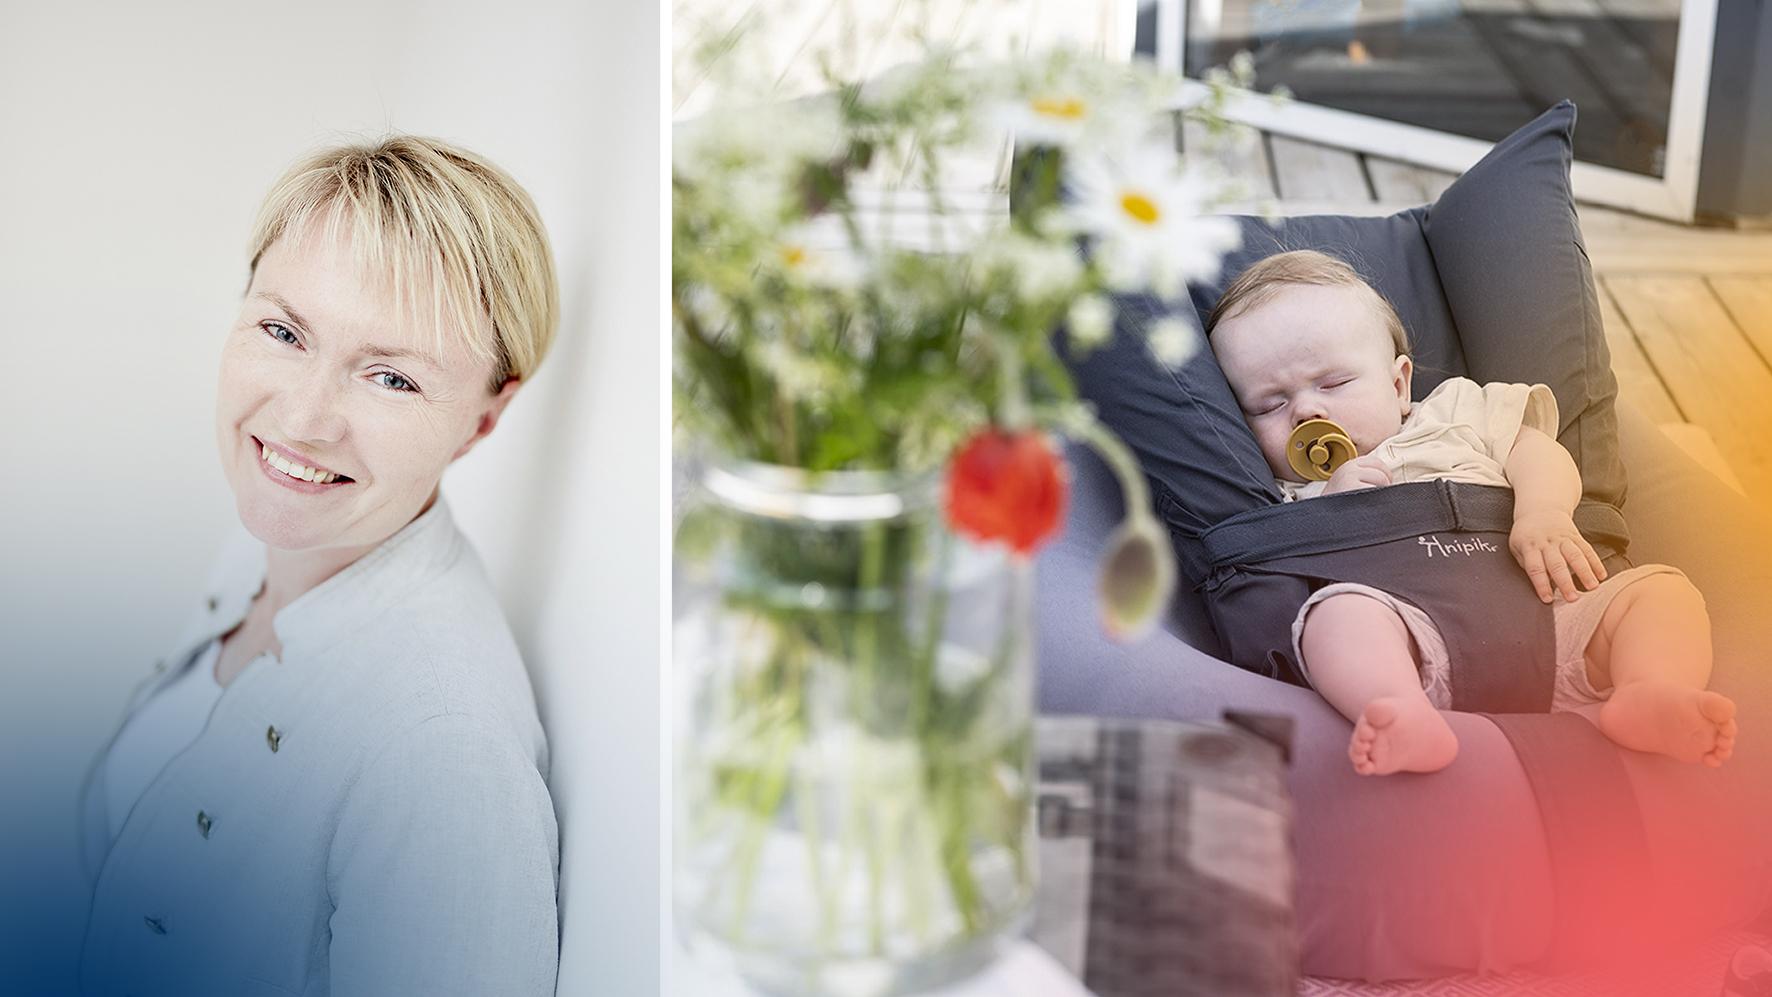 Siiri Julge Alvemyr och hennes babysitter Knipik